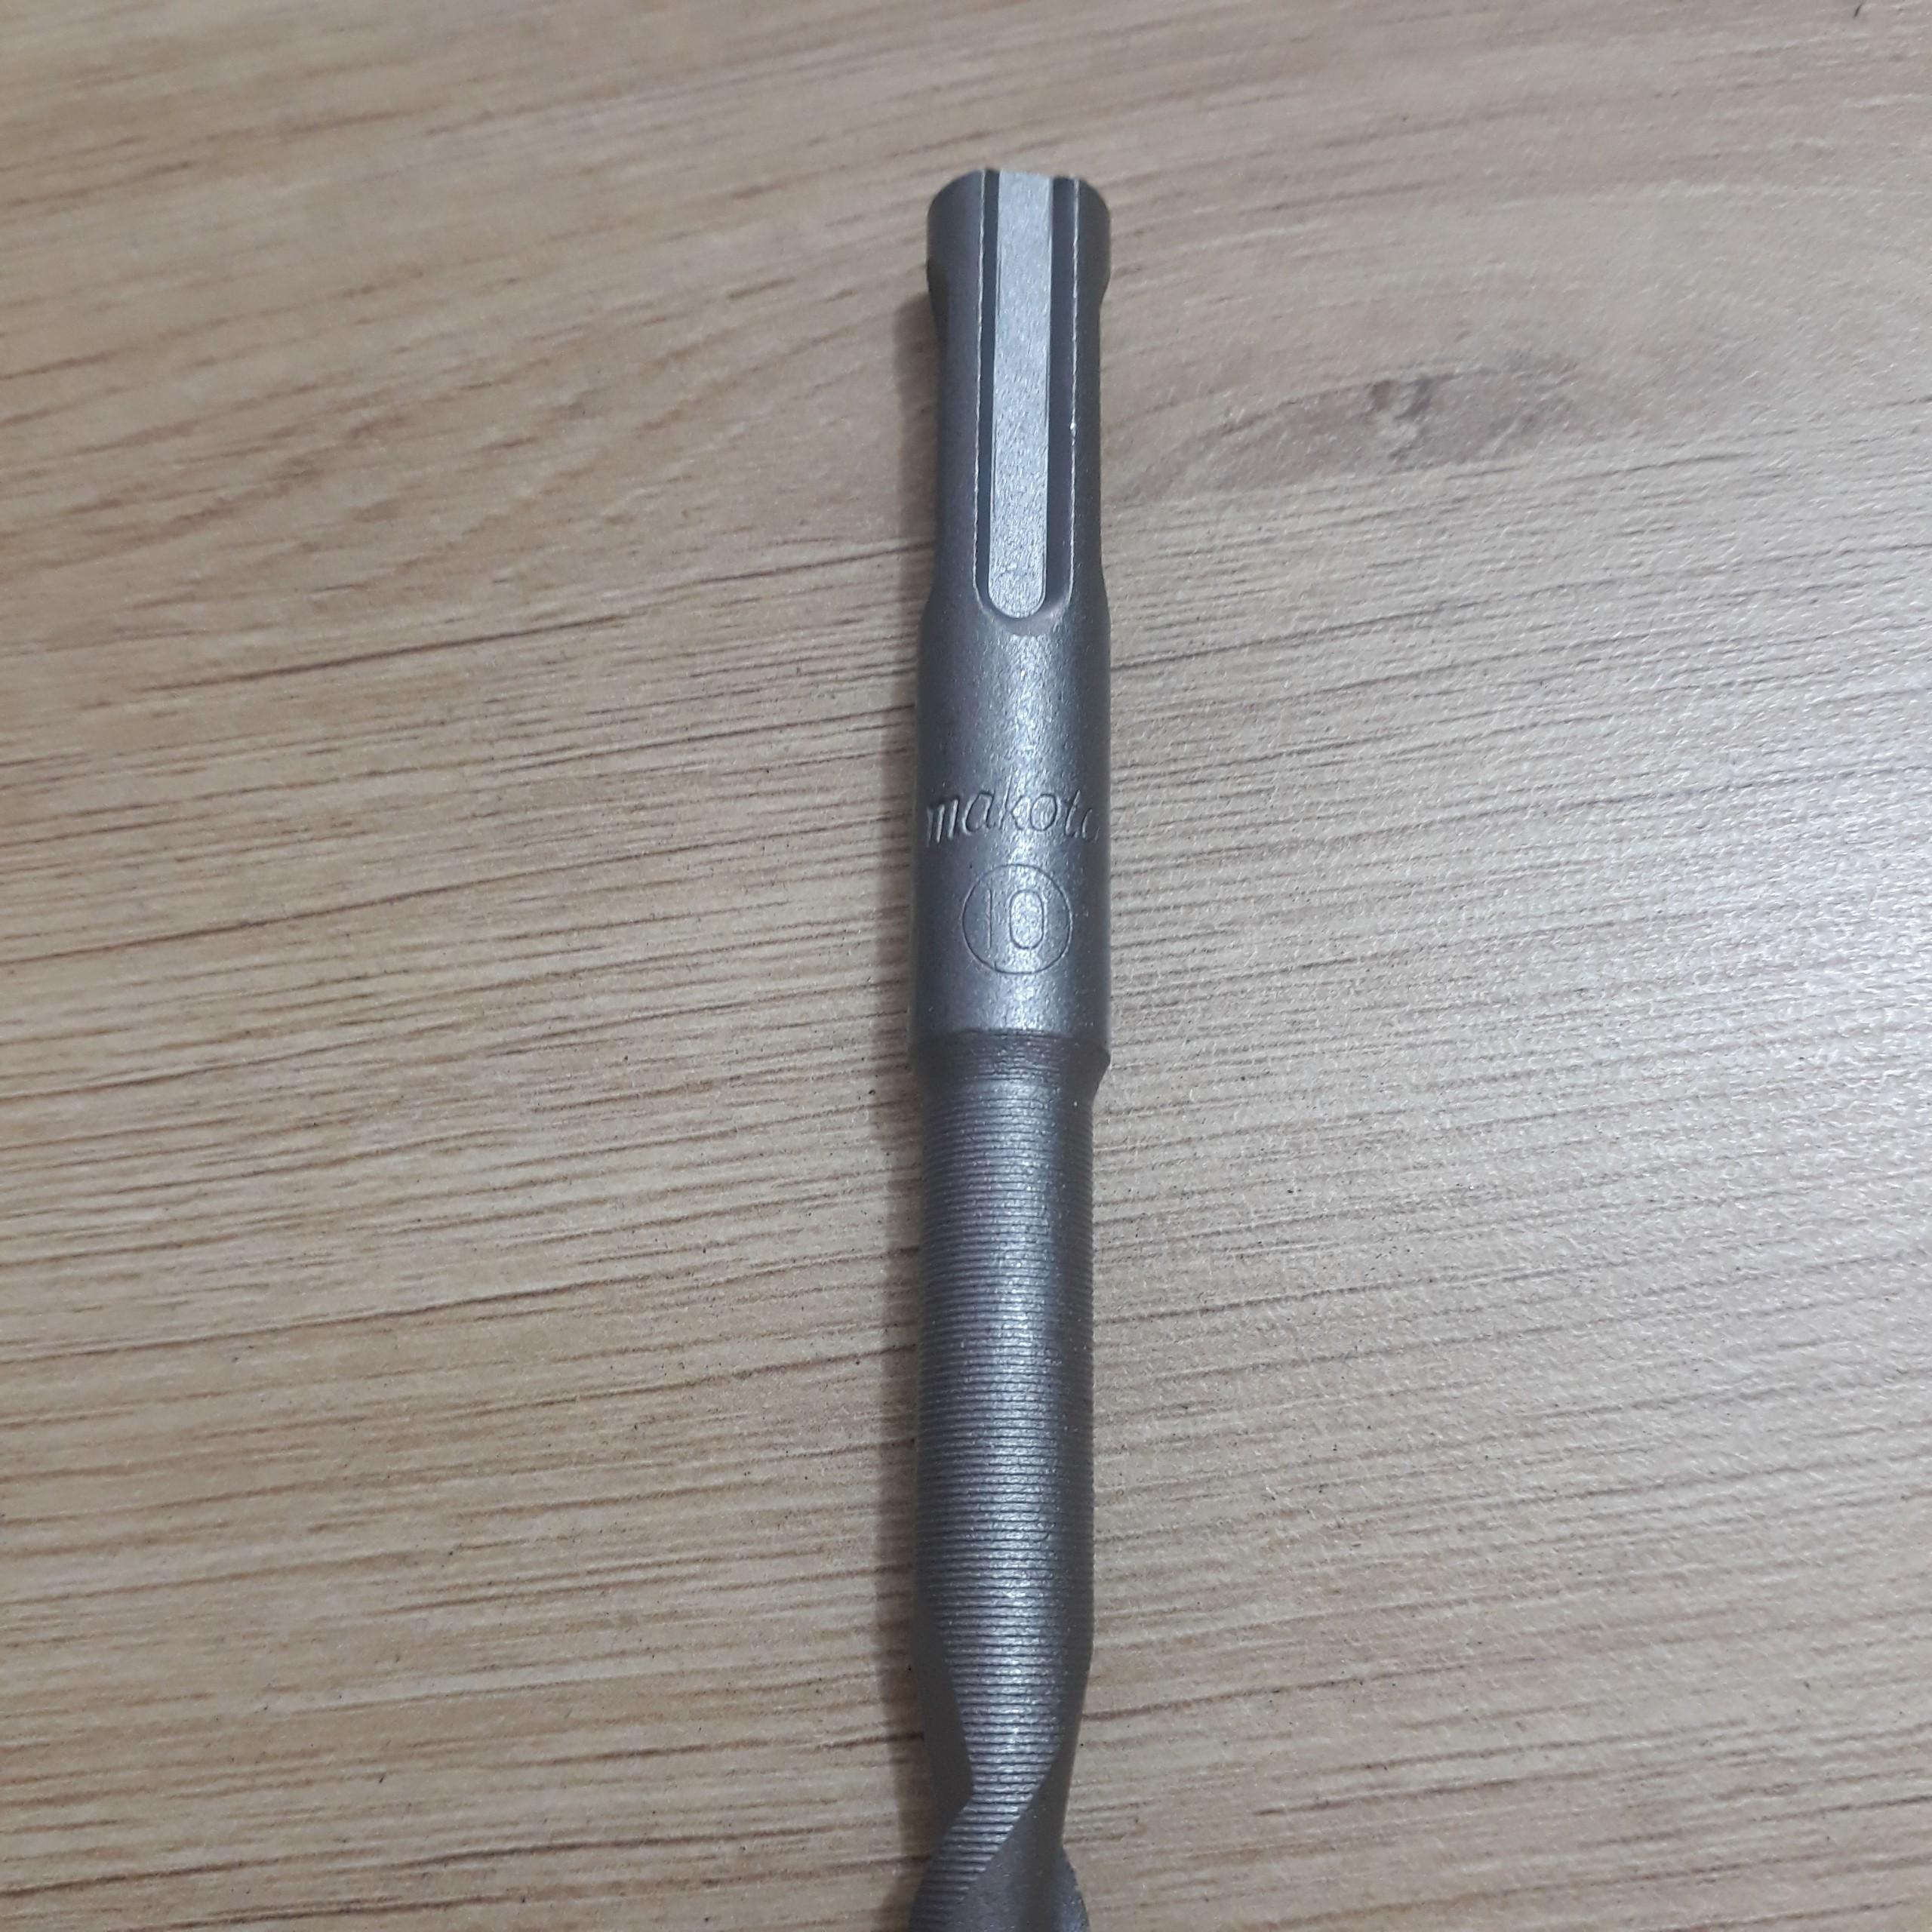 Mũi khoan bê tông đuôi gài 1,5 tấc phi 10 Makita  Makita | Giá rẻ nhất - Công Ty TNHH Thương Mại Dịch Vụ Đạt Tâm